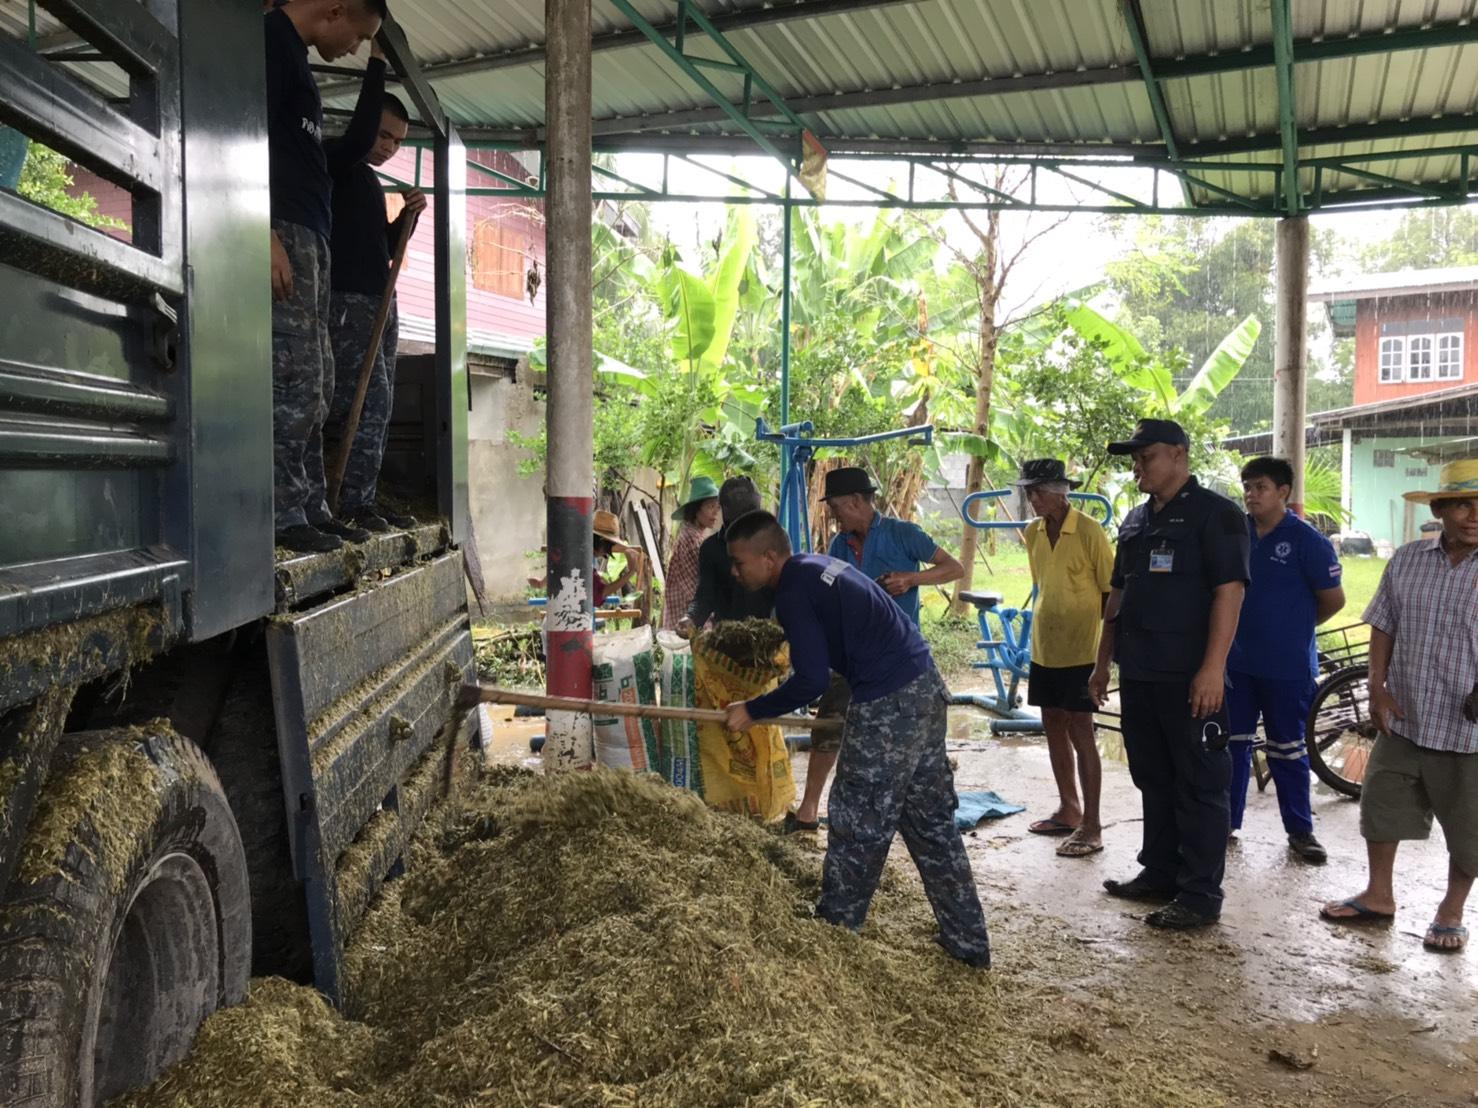 กองทัพอากาศ ช่วยลำเลียงหญ้าเพื่อเป็นอาหารสัตว์ในพื้นที่ประสบอุทกภัย จ.ยโสธร